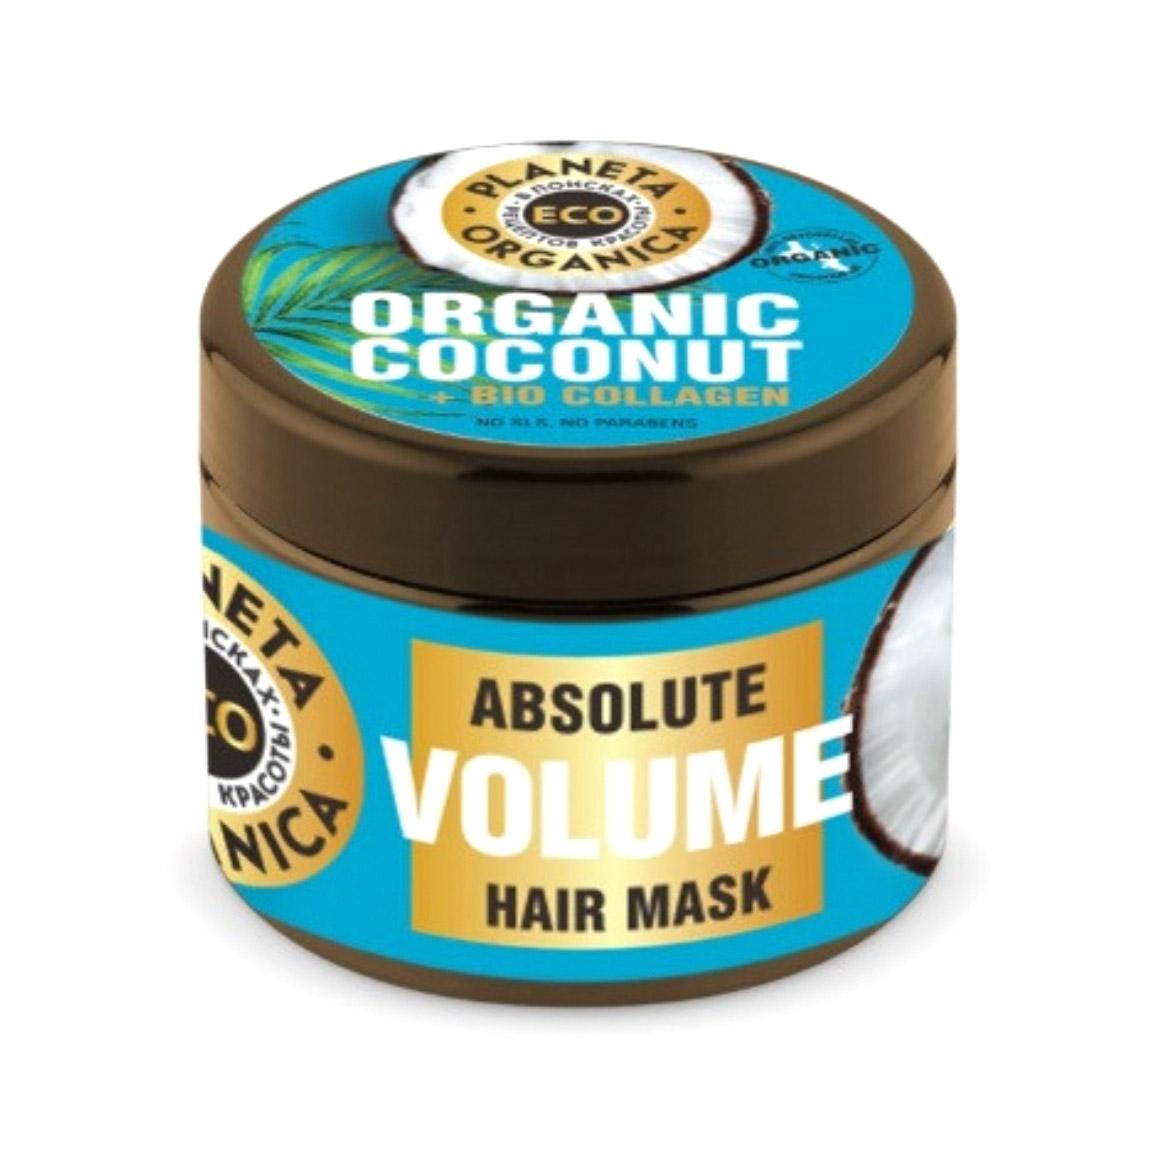 Фото - Маска для волос Planeta Organica Organic Coconut+Bio Collagen 500 мл planeta organica бальзам bio organic coconut тропическое увлажнение и блеск 280 мл